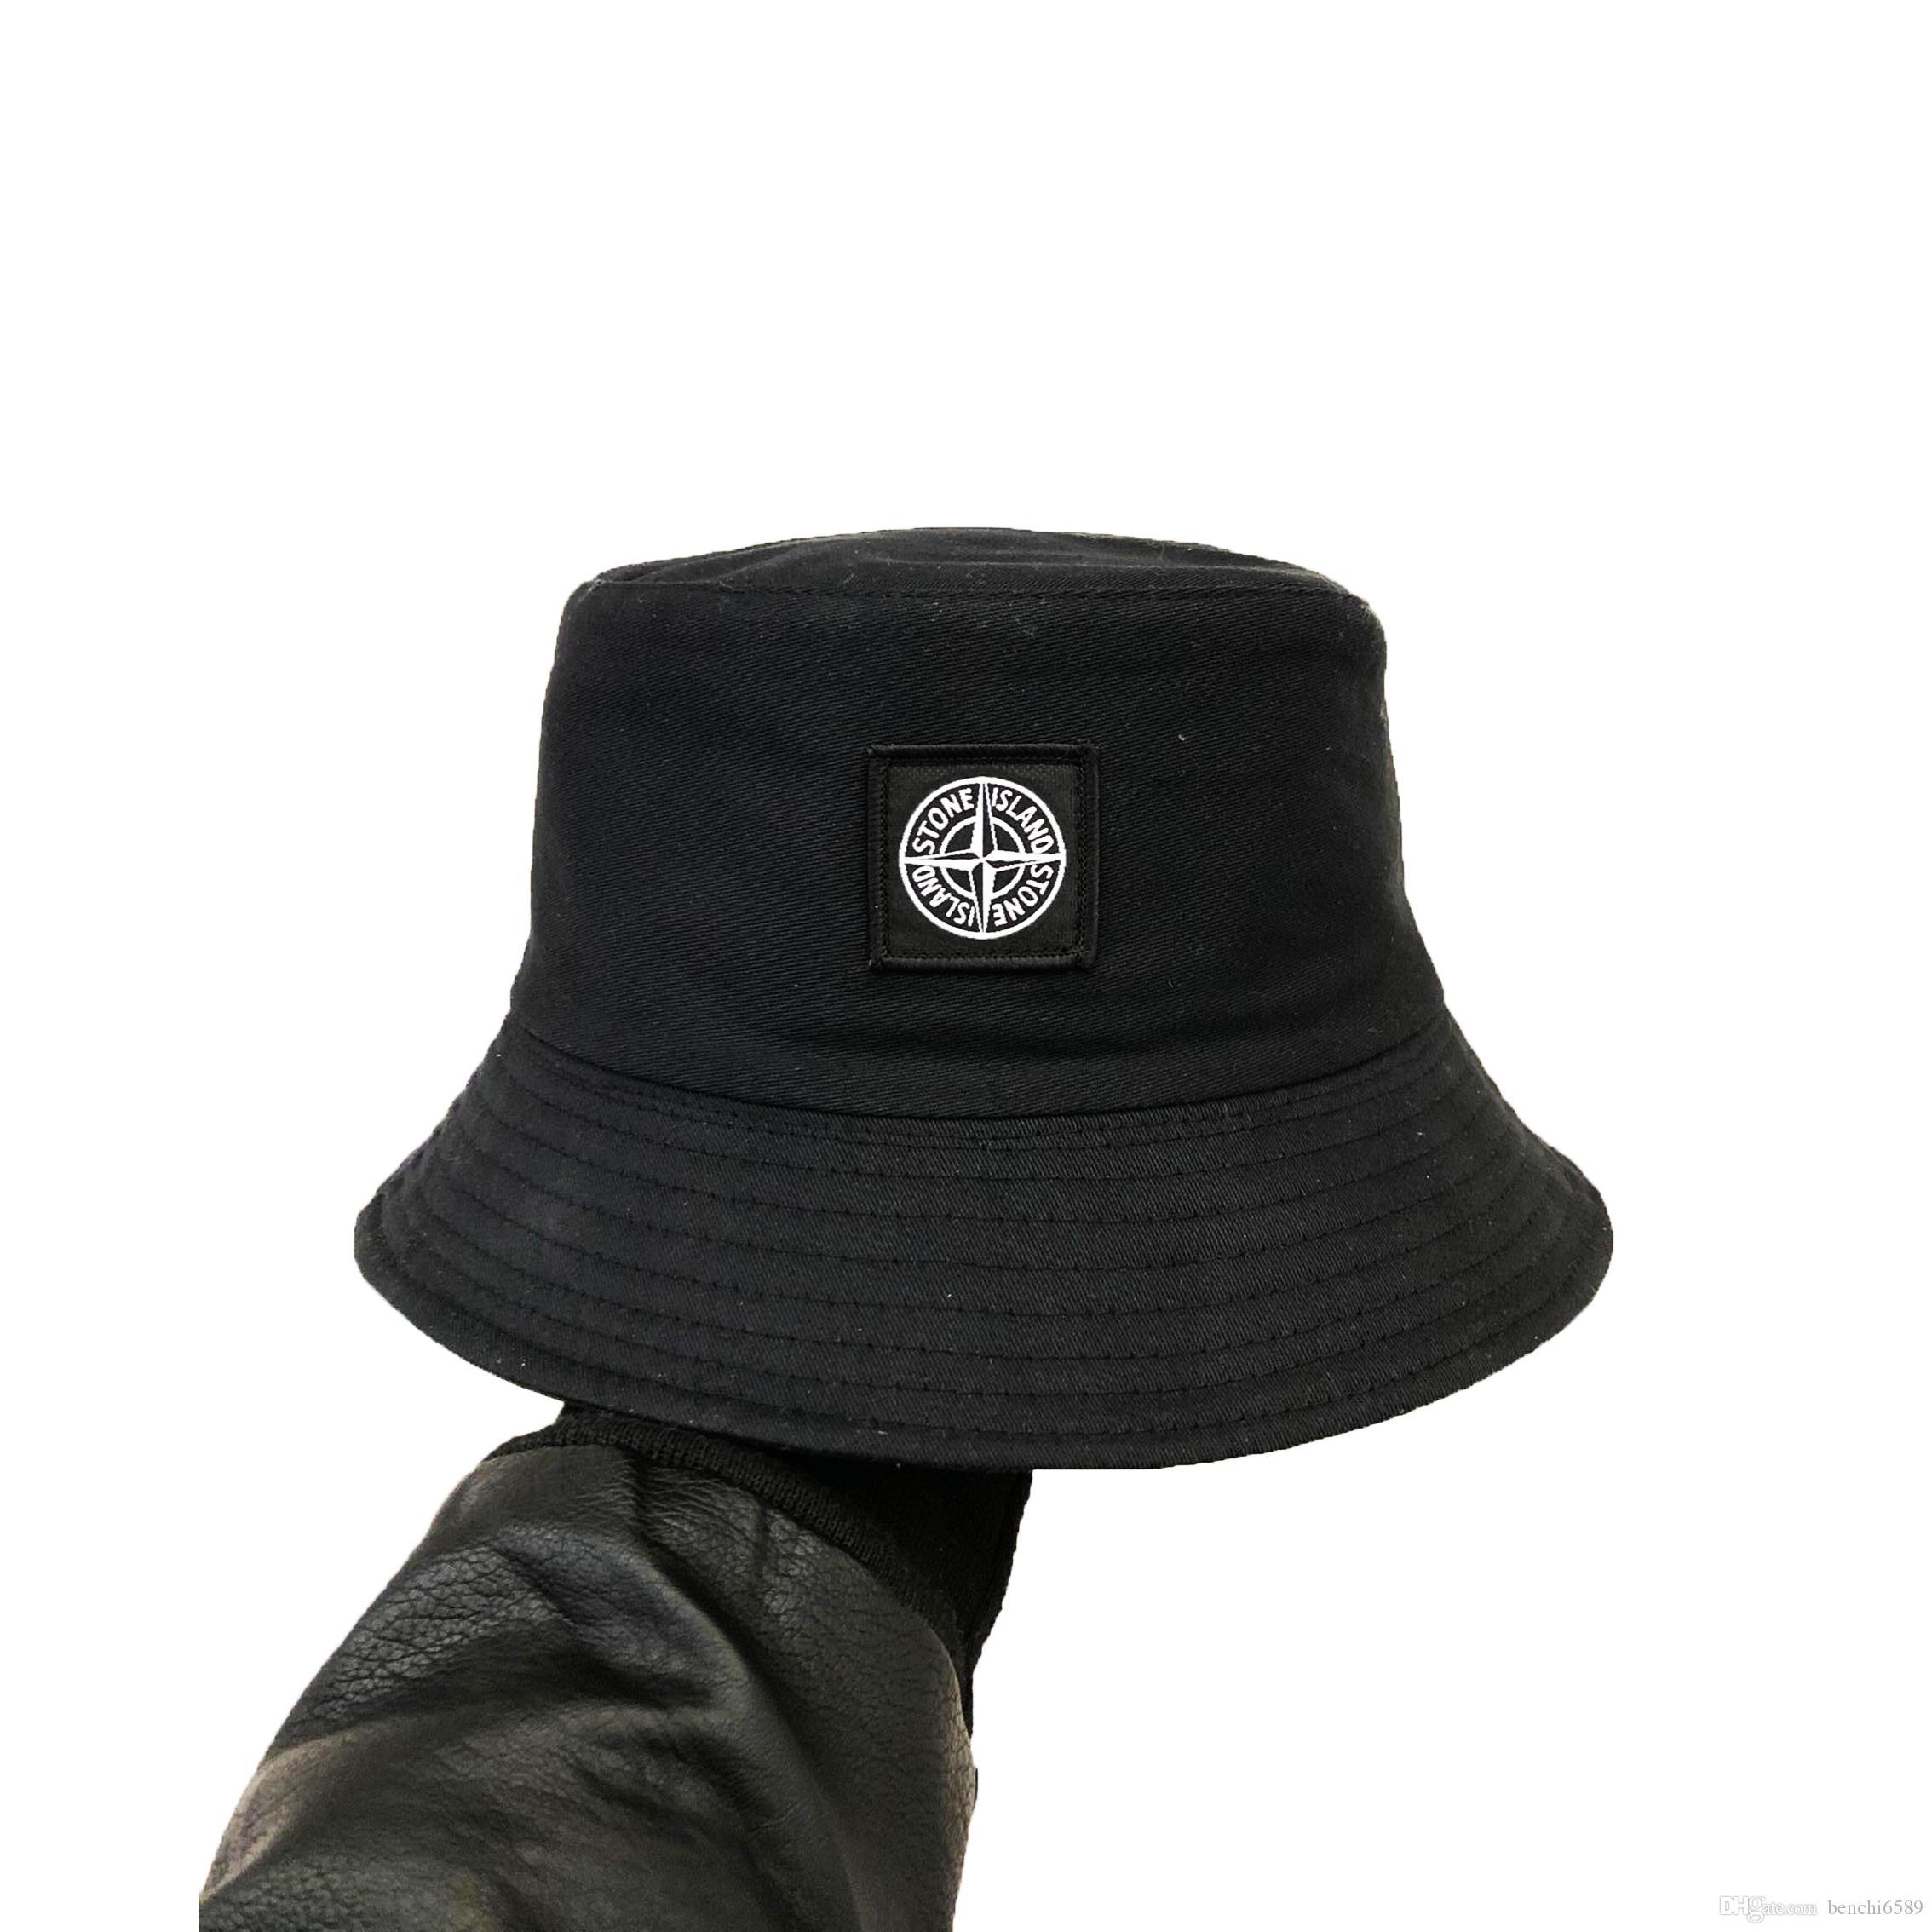 nouveau soleil hip hop chapeau de pêcheur broderie mode Camping chasse chapeau de pêche de plage en plein air les hommes avares Brim Chapeaux et femmes capeline chapeau Bucket